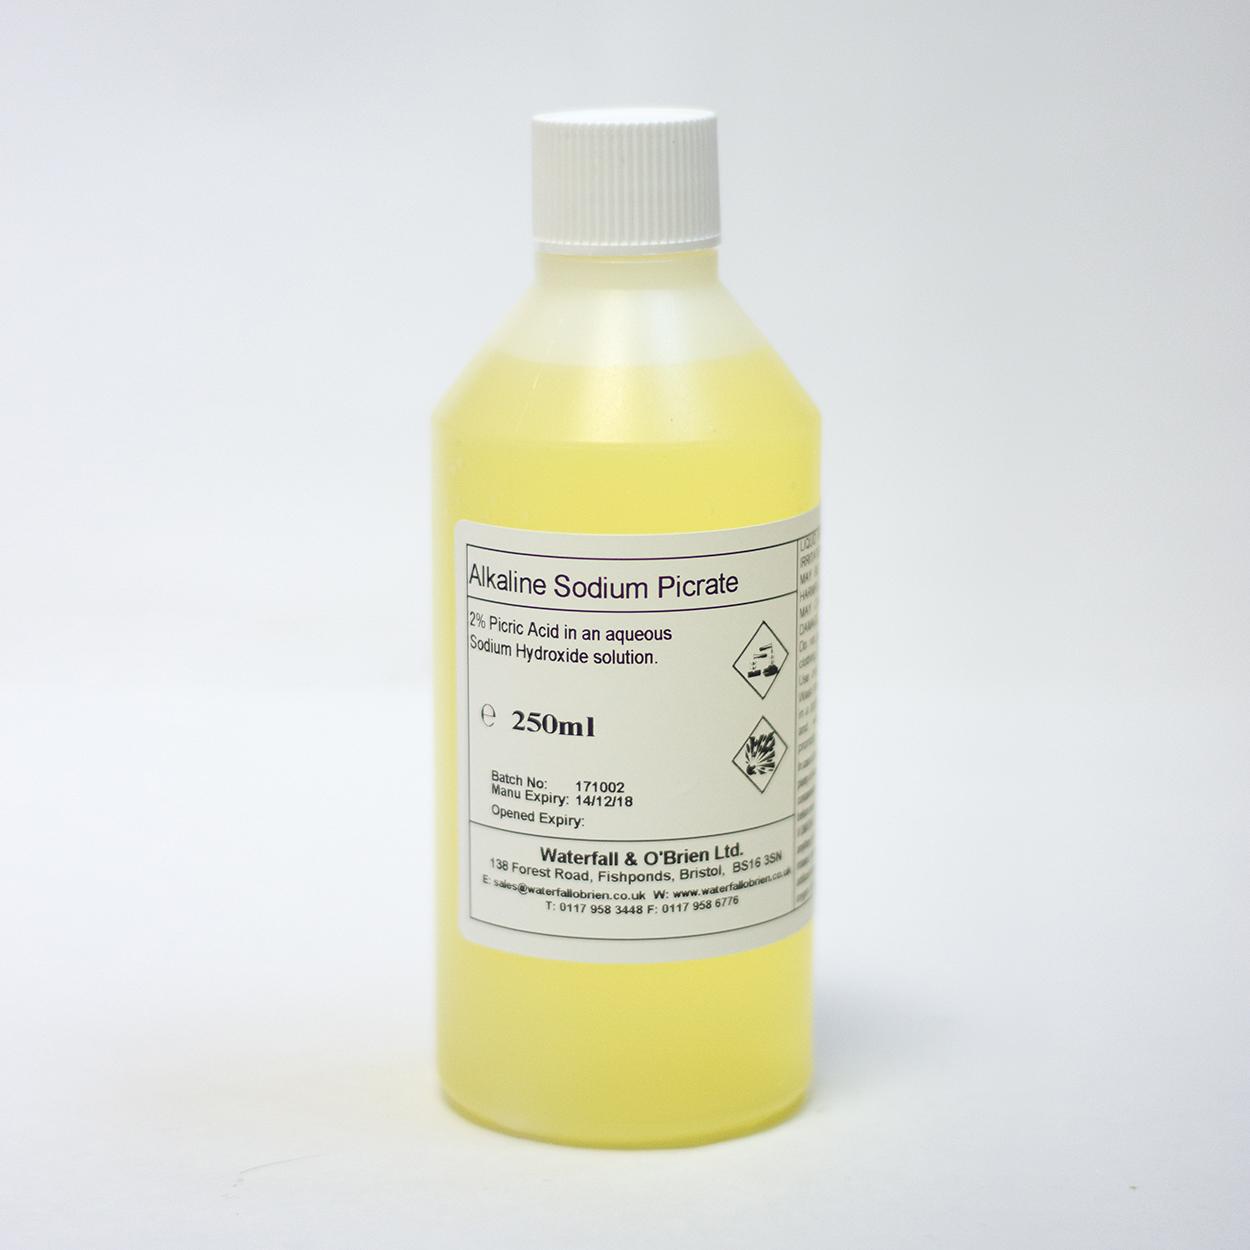 Alkaline Sodium Picrate